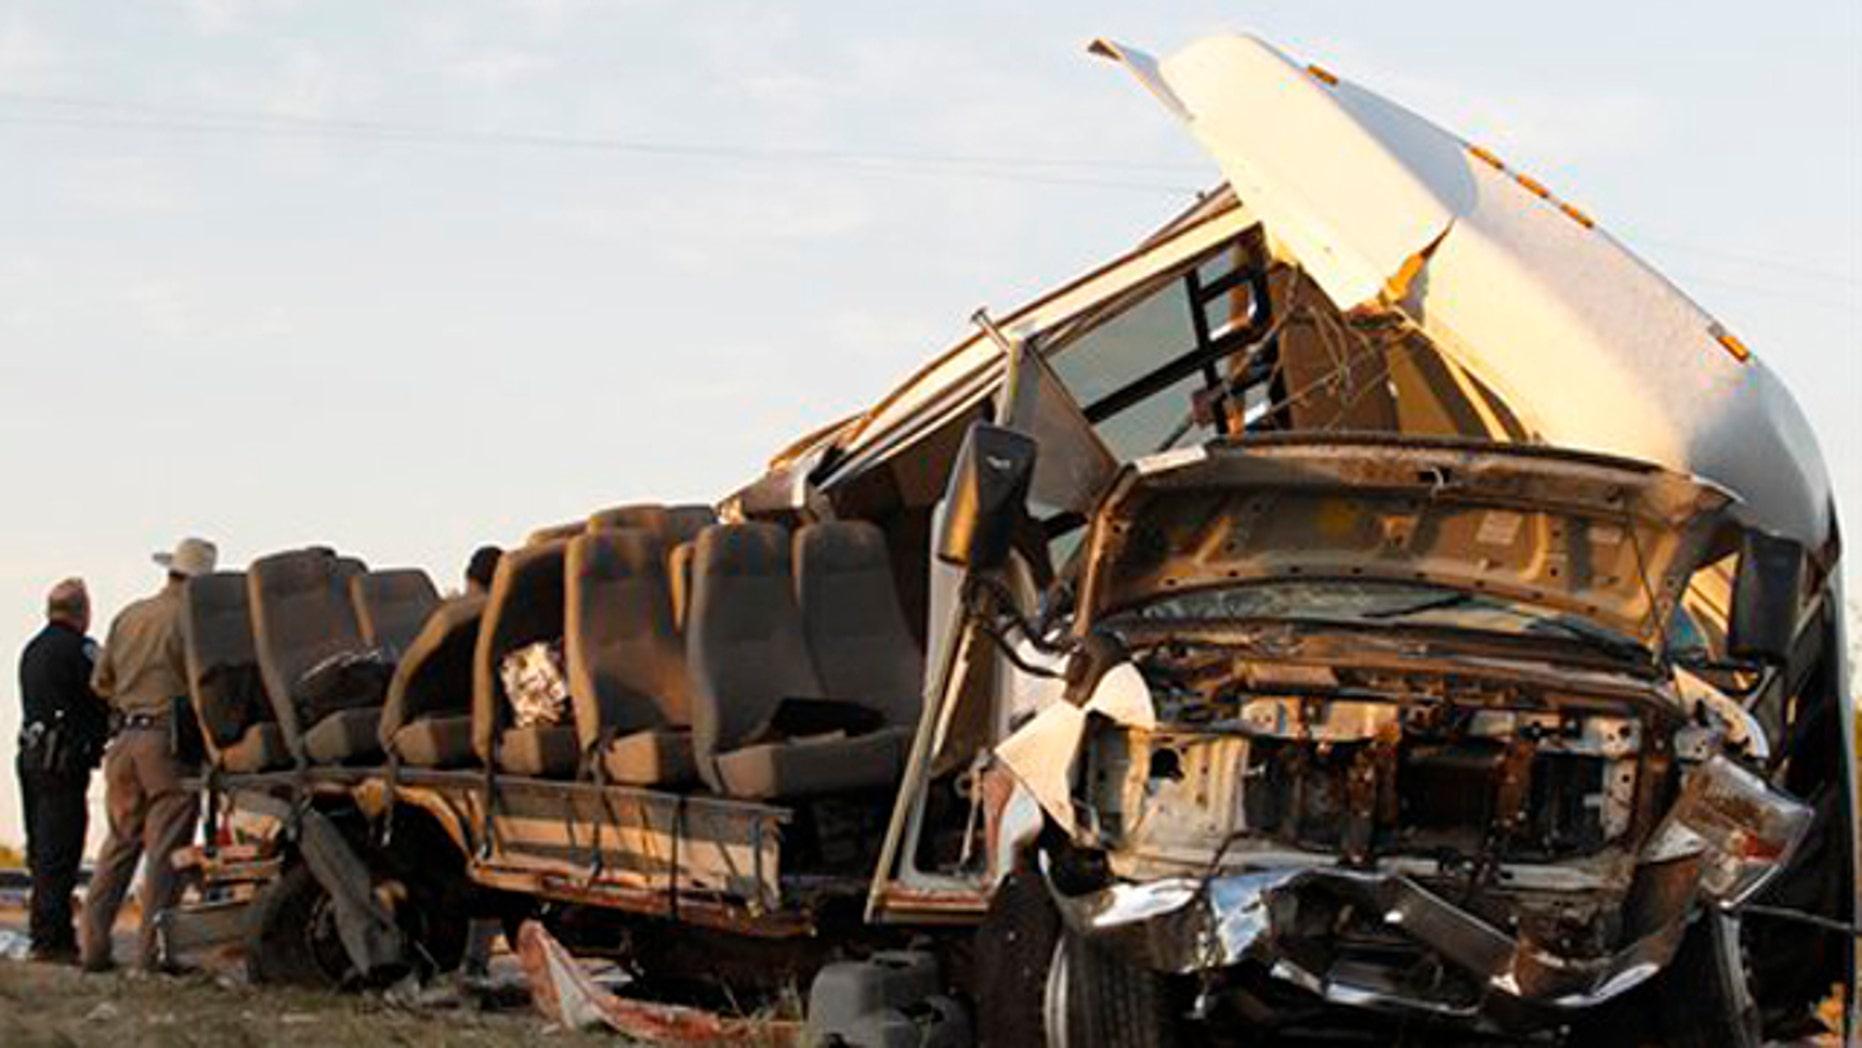 November 4, 2011: Investigators examine a bus after the crash Paint Rock, Texas.